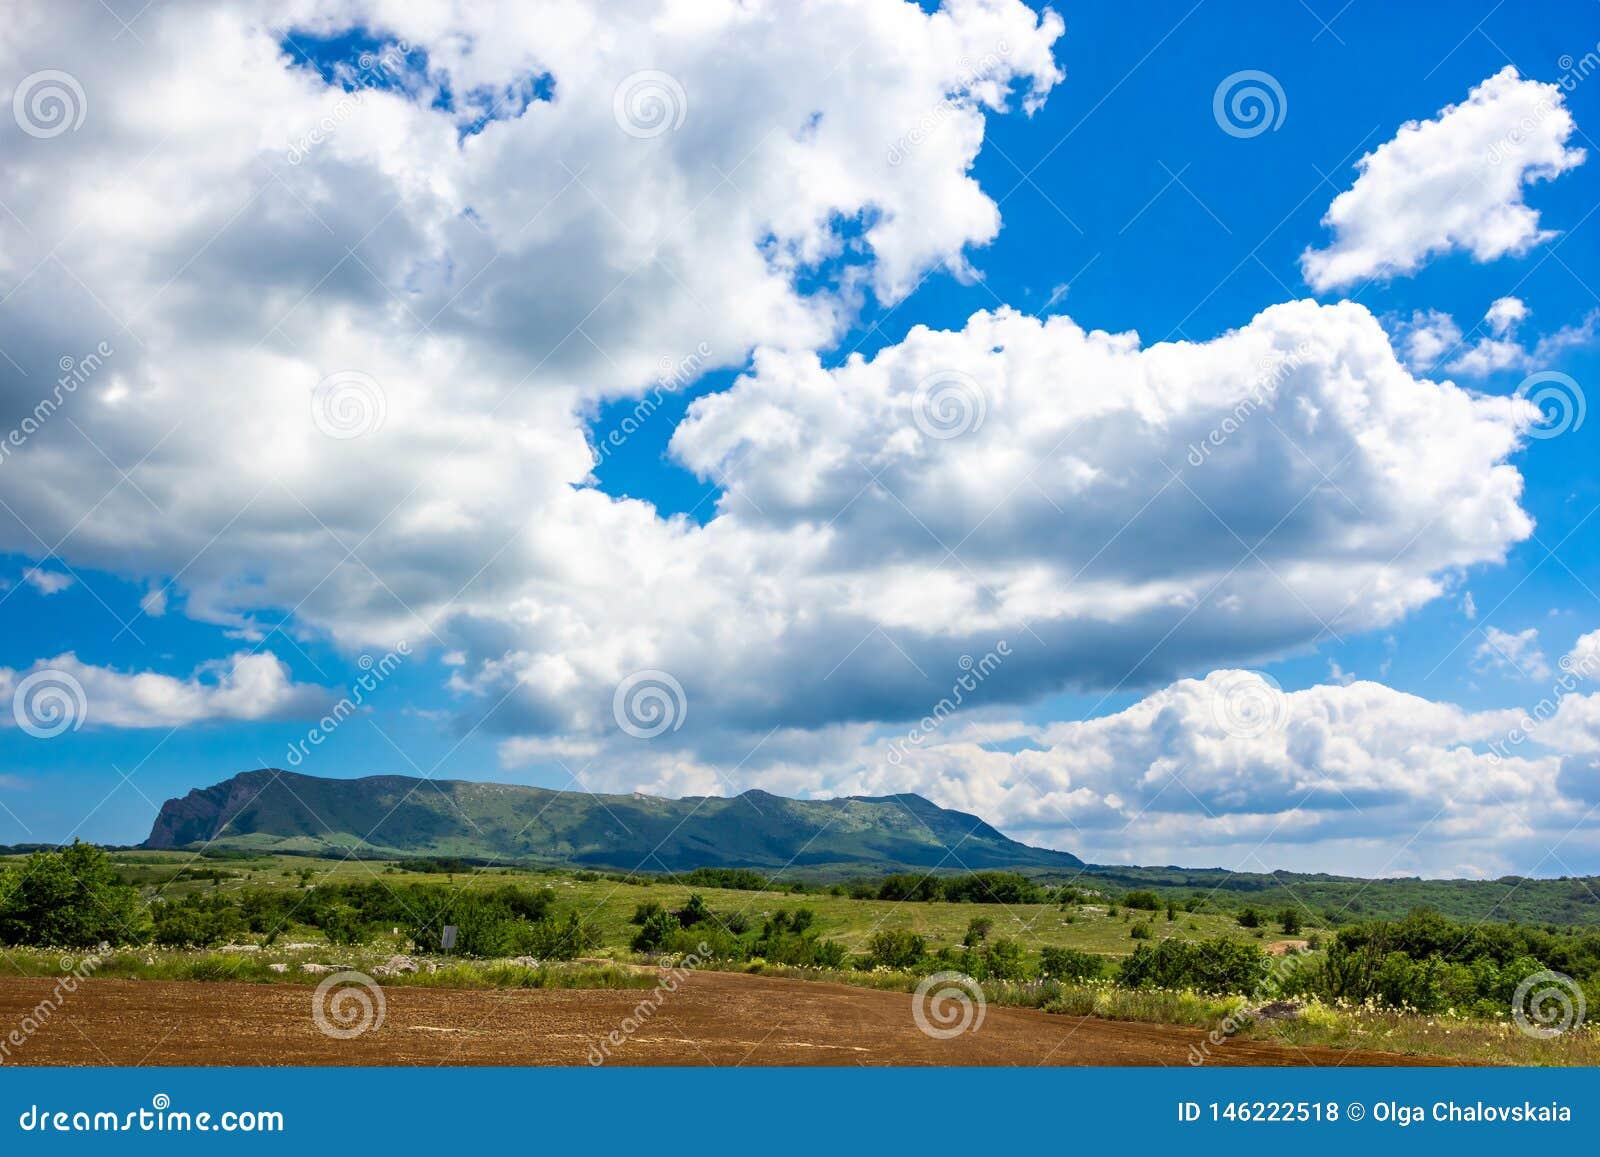 Красочный ландшафт лета в горах, под голубым небом с белыми облаками